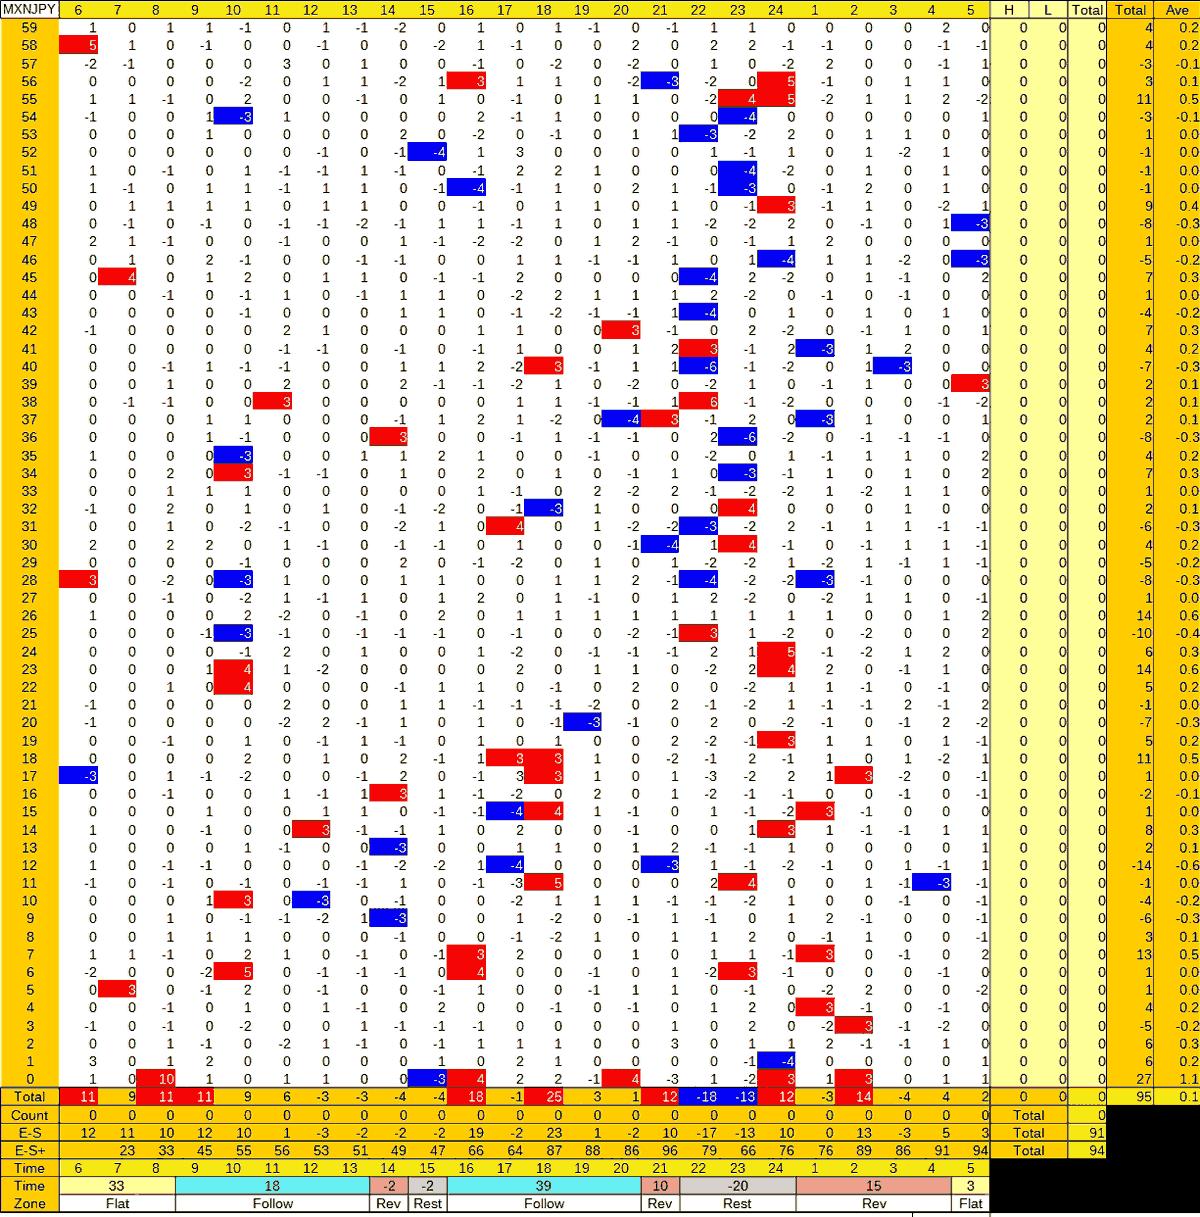 20210224_HS(3)MXNJPY-min